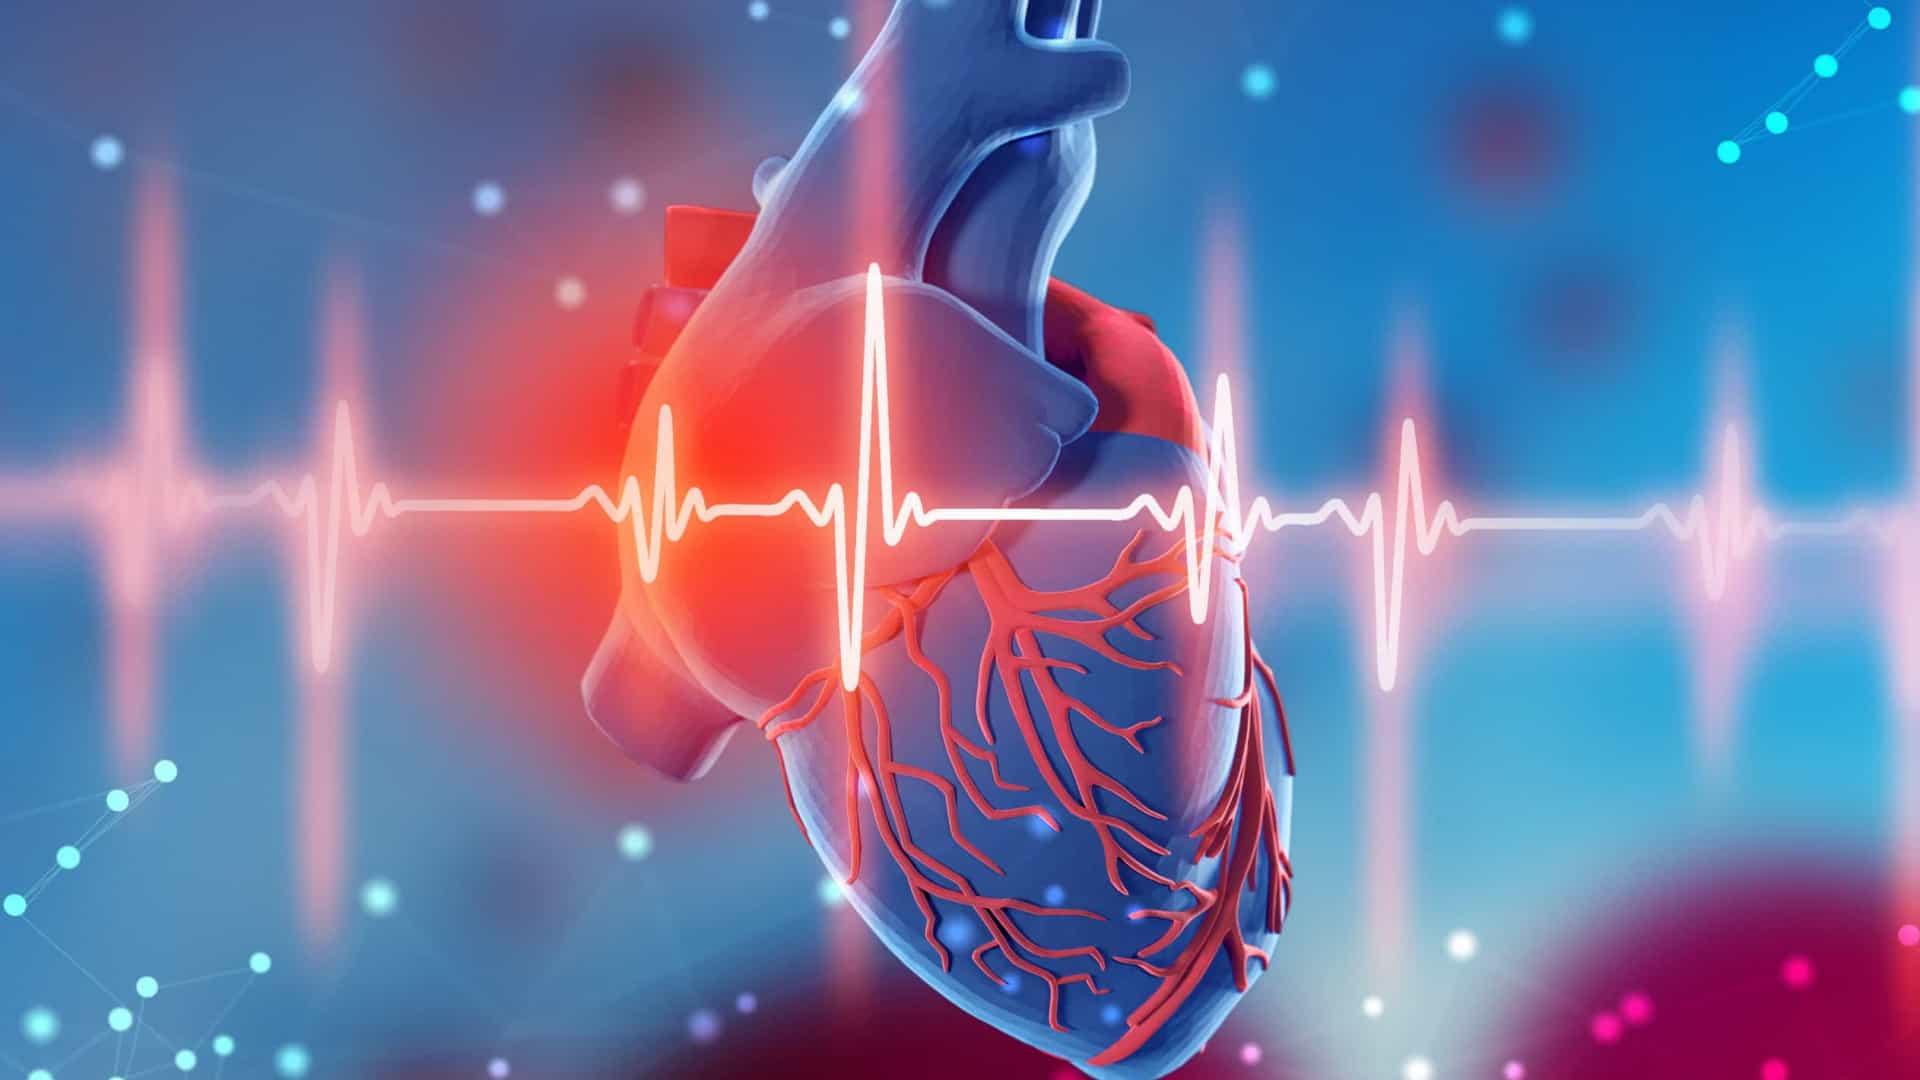 Mortes por doenças cardiovasculares disparam na pandemia